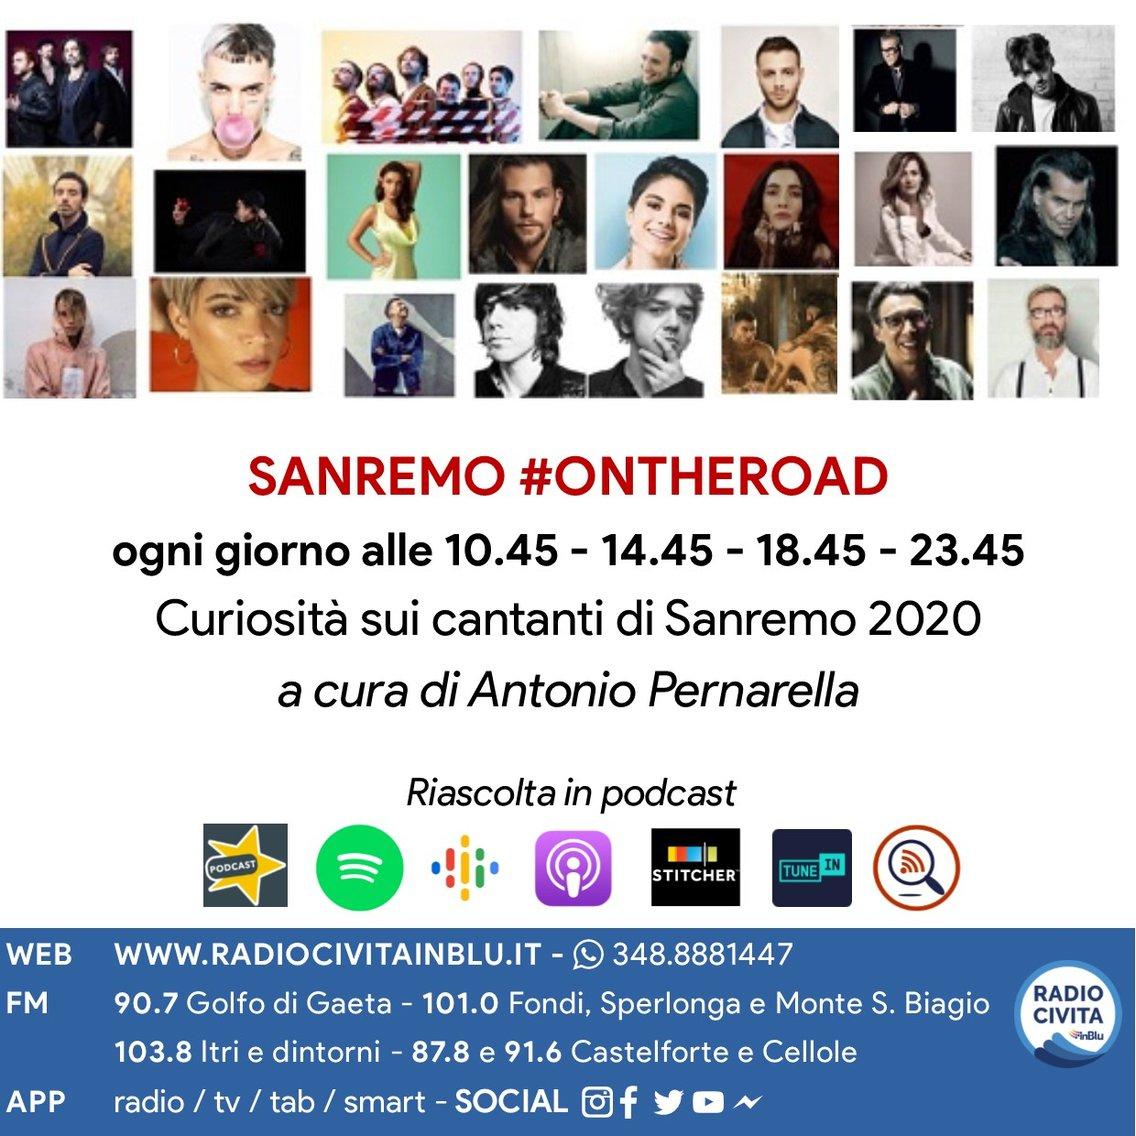 Sanremo 2020 - Gli artisti in gara - Cover Image